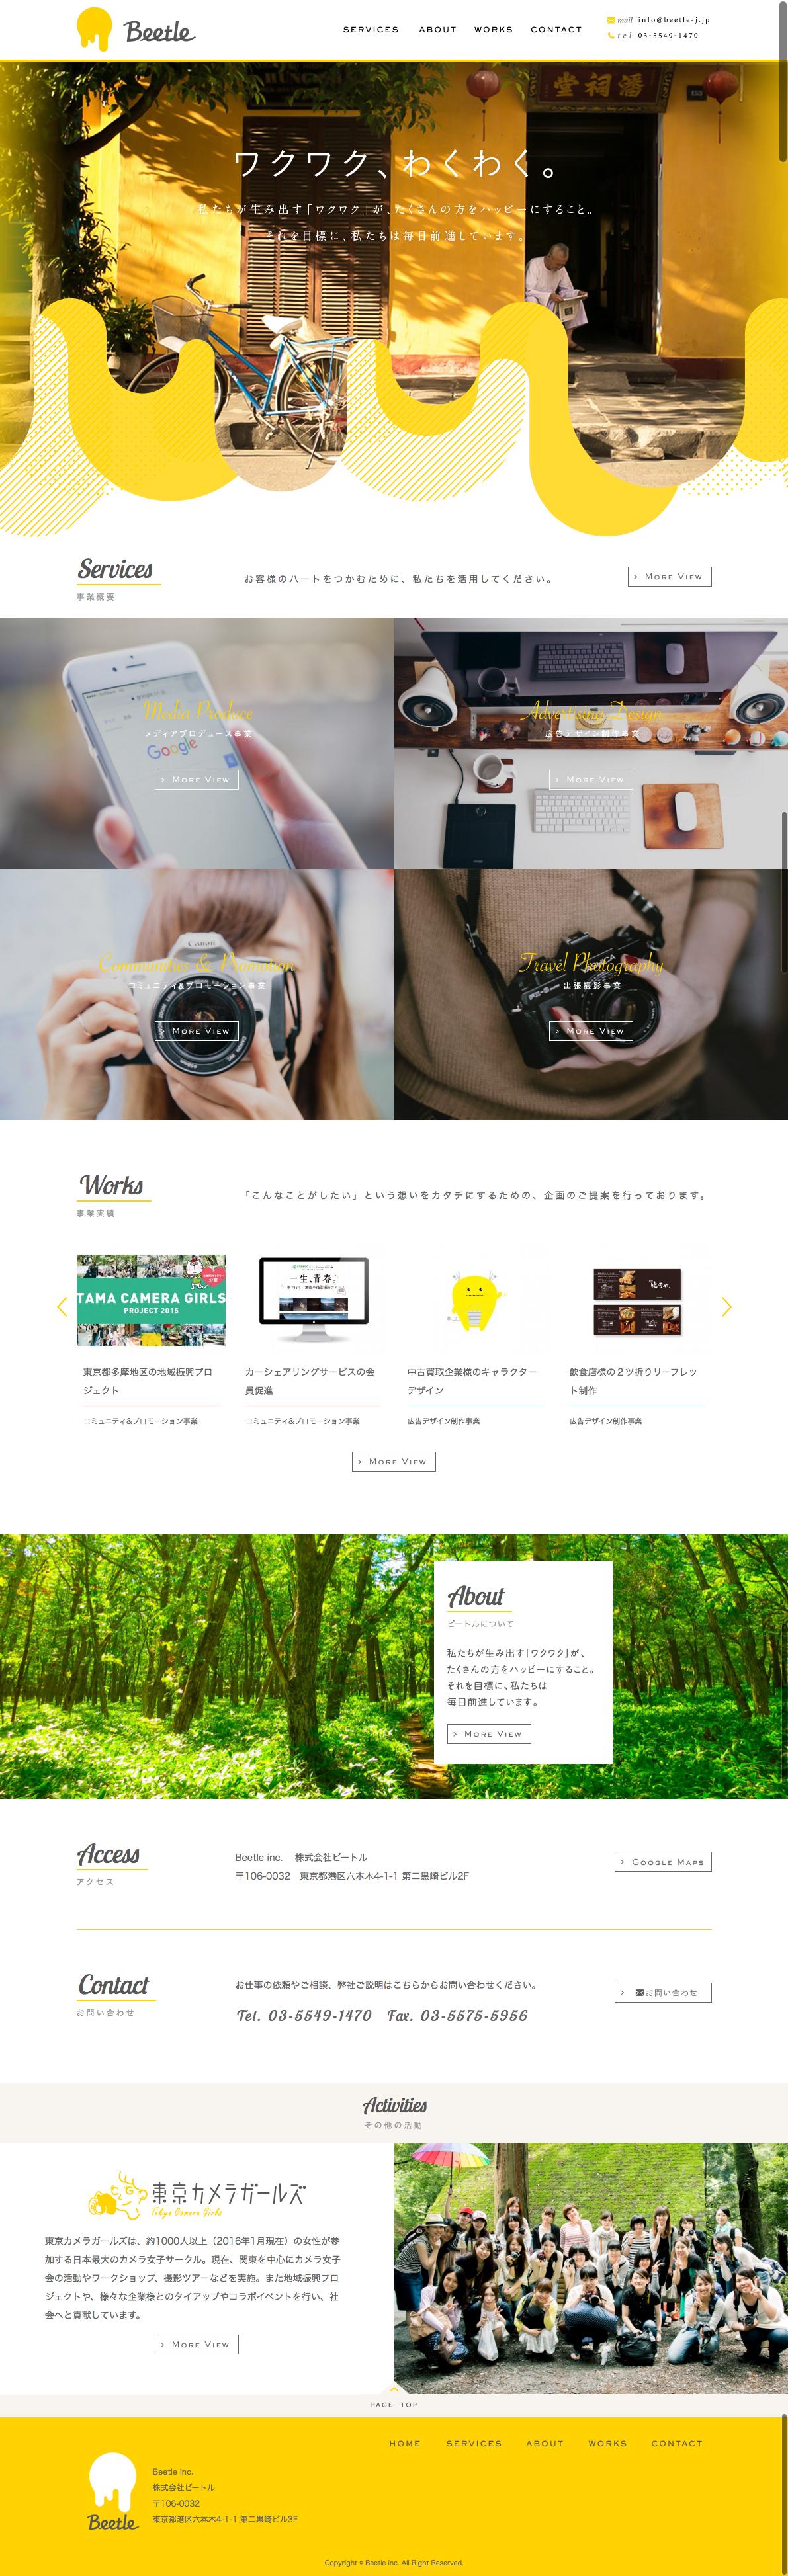 株式会社ビートル WEB・黄色・レイアウト